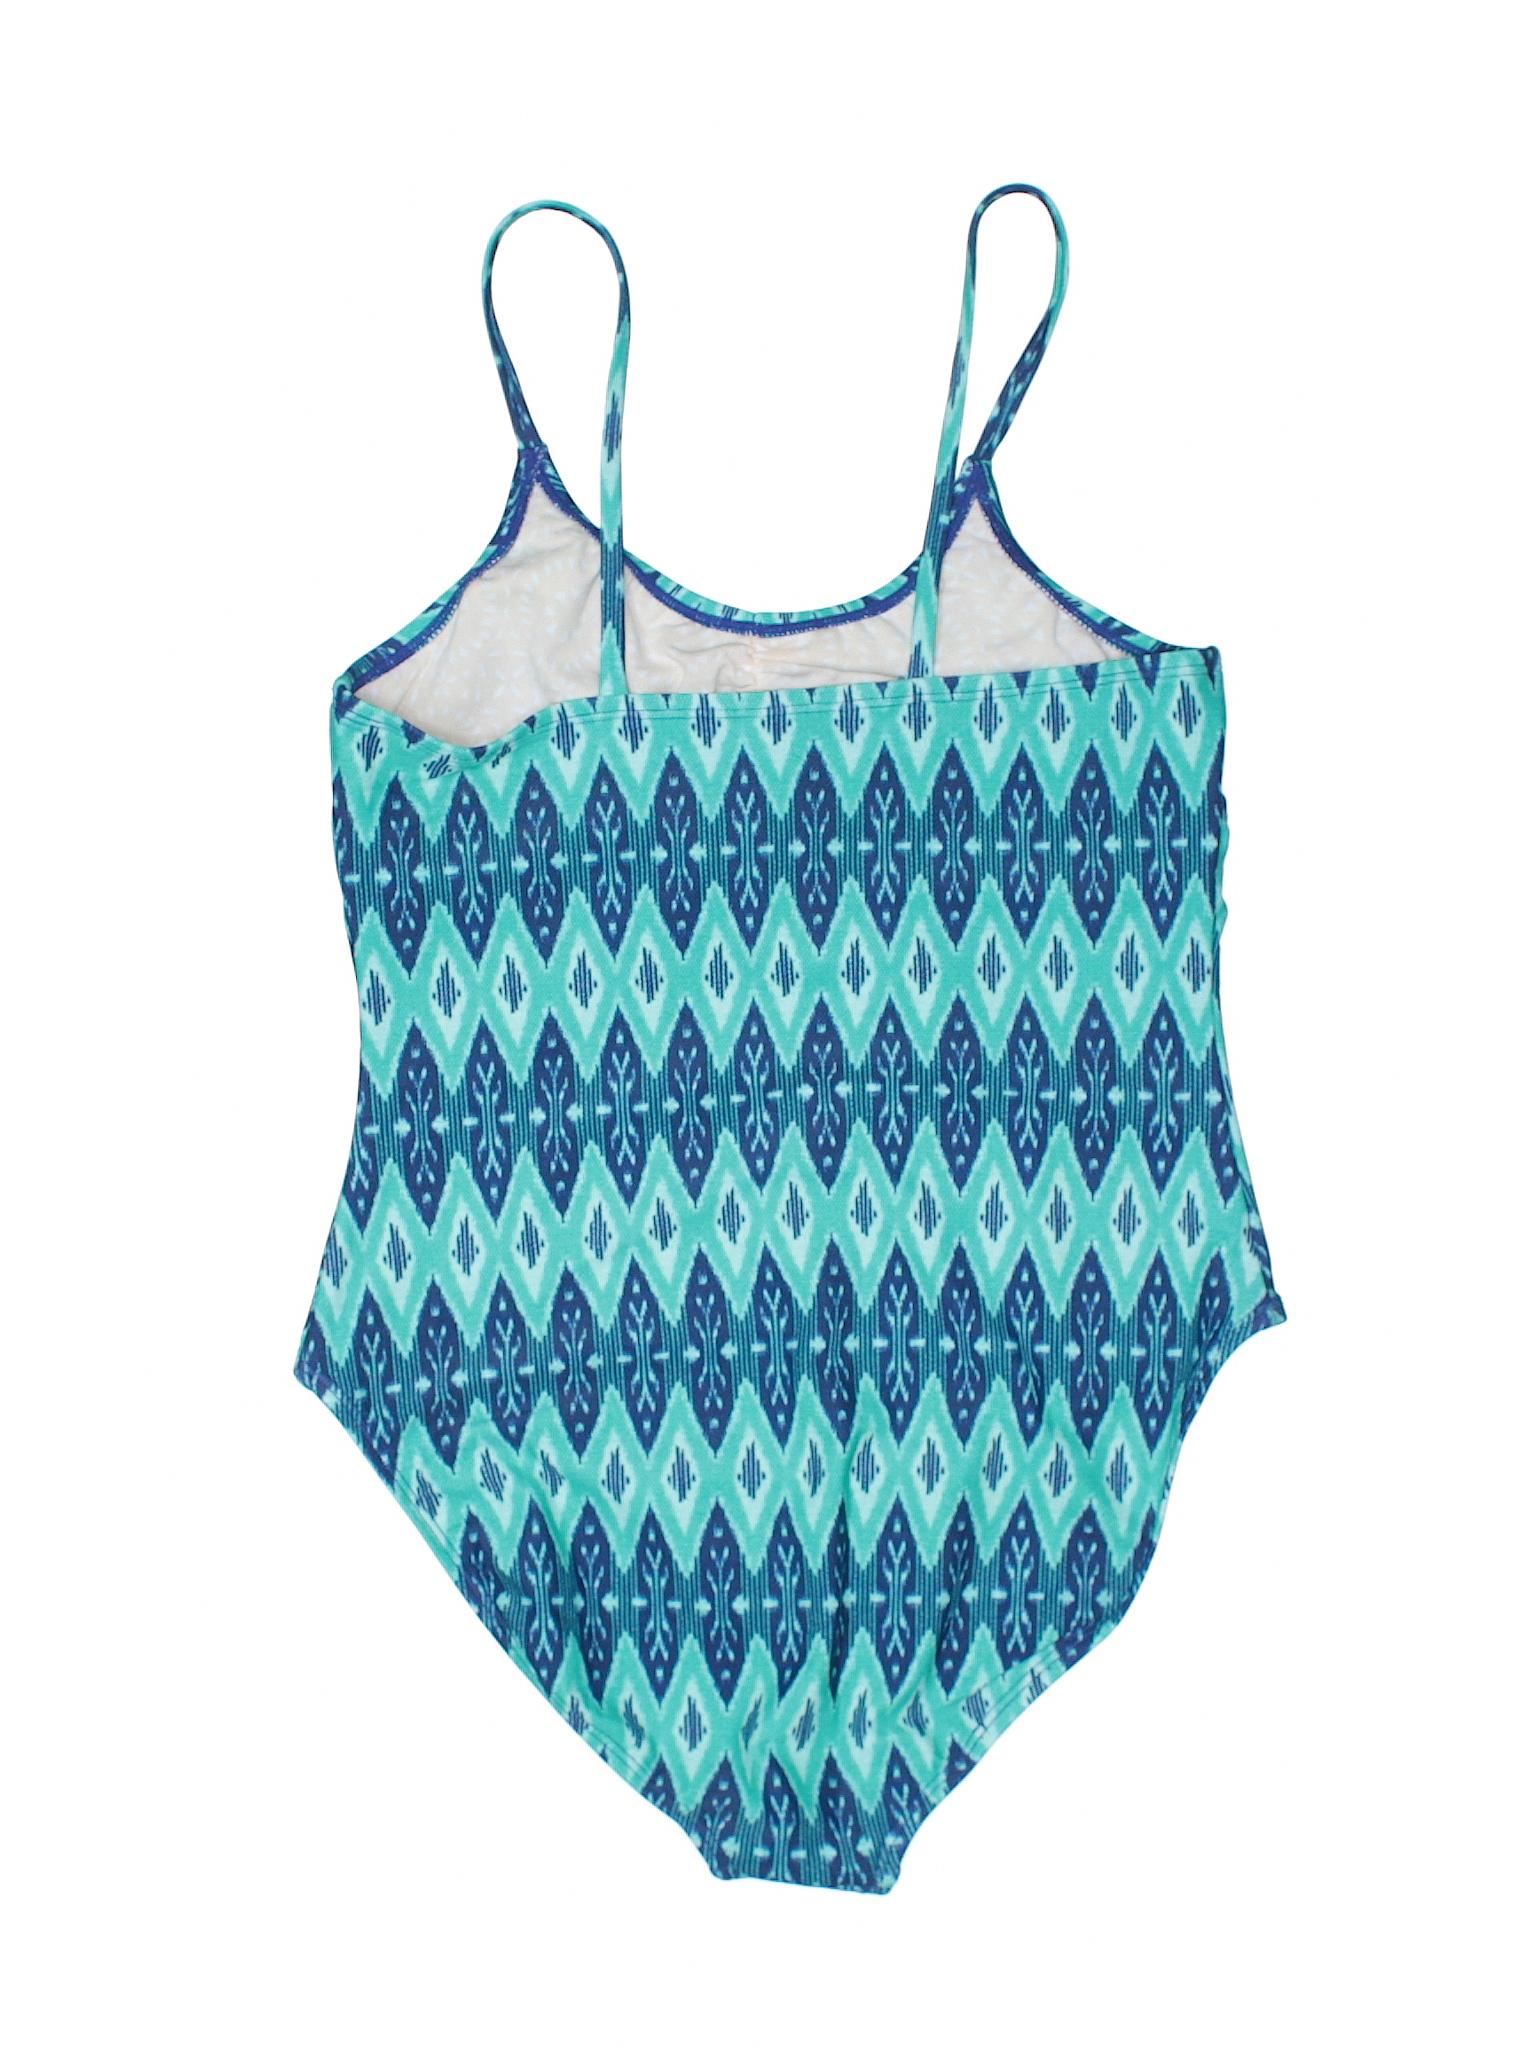 Swimsuit Piece One Cleobella Boutique Boutique Cleobella qw81vy